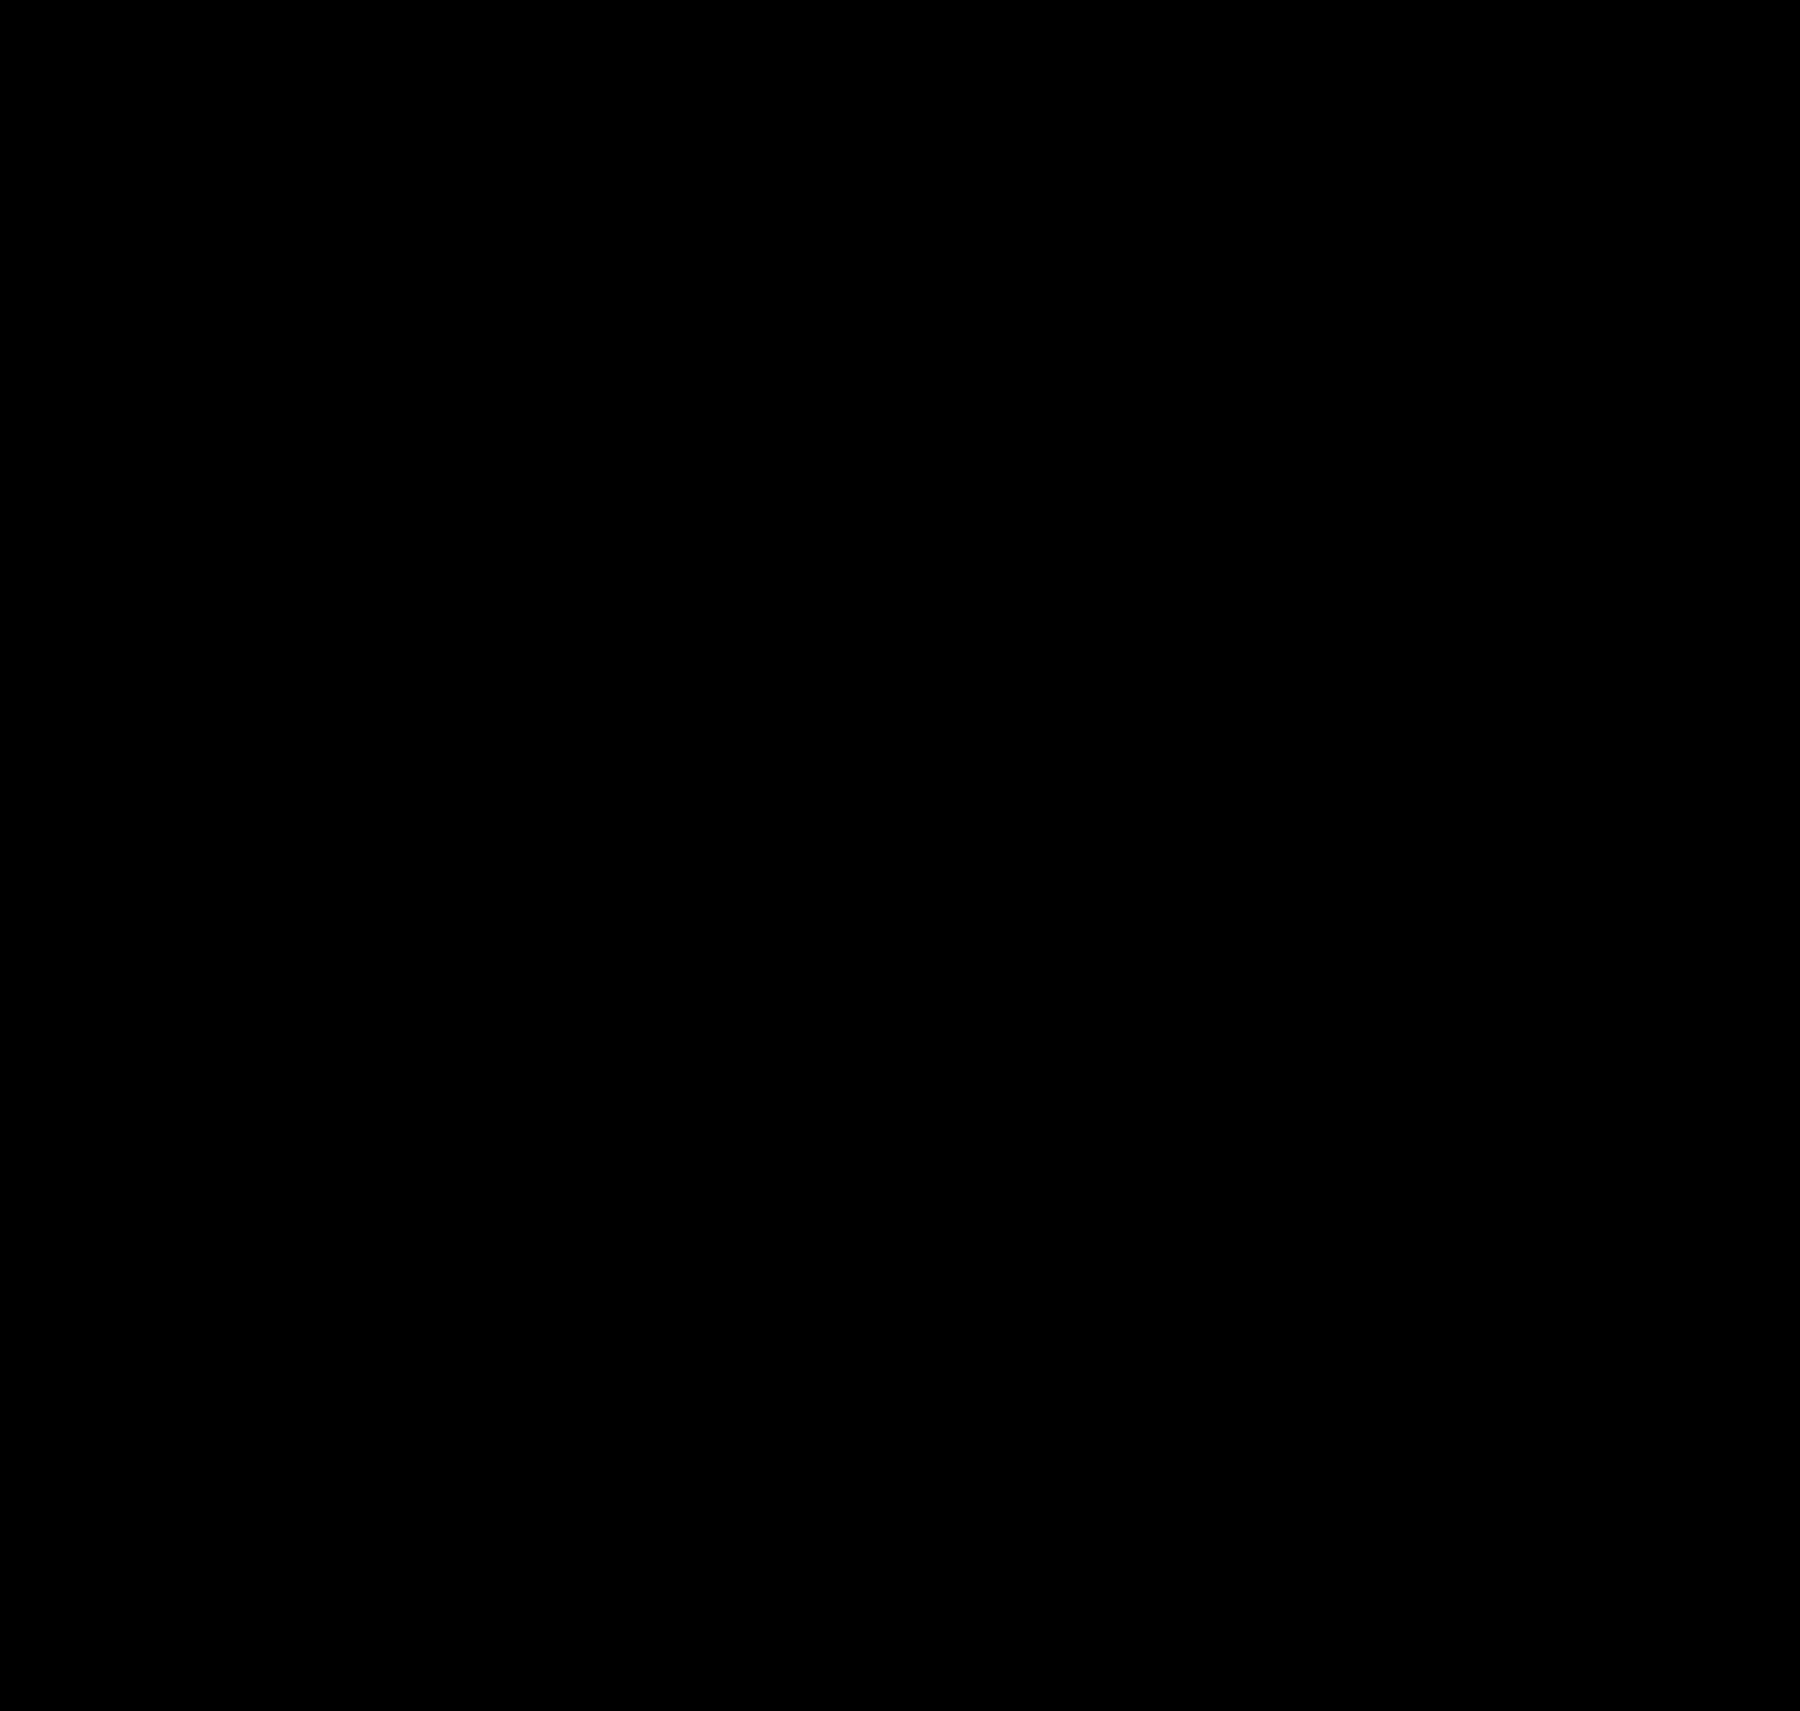 1800x1711 Navy Clipart Military Emblem